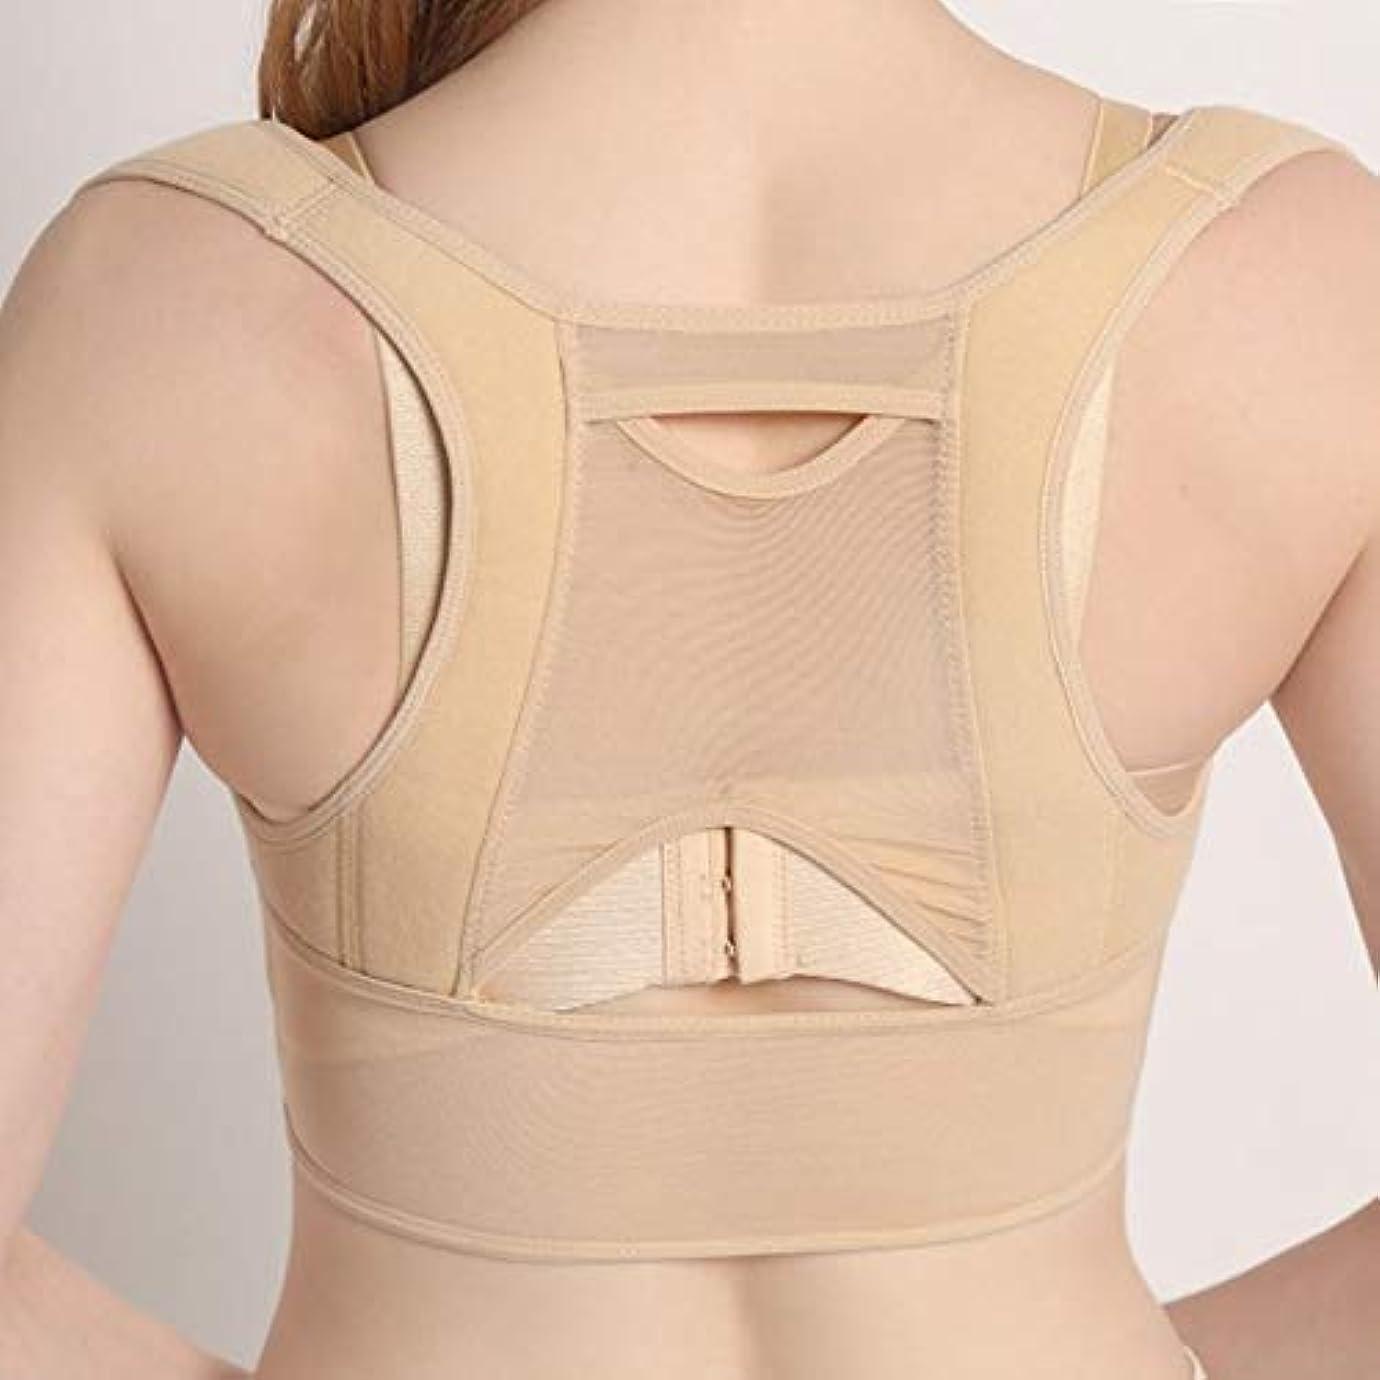 詳細な農業の好意的通気性のある女性の背中の姿勢矯正コルセット整形外科の肩の背骨の背骨の姿勢矯正腰椎サポート